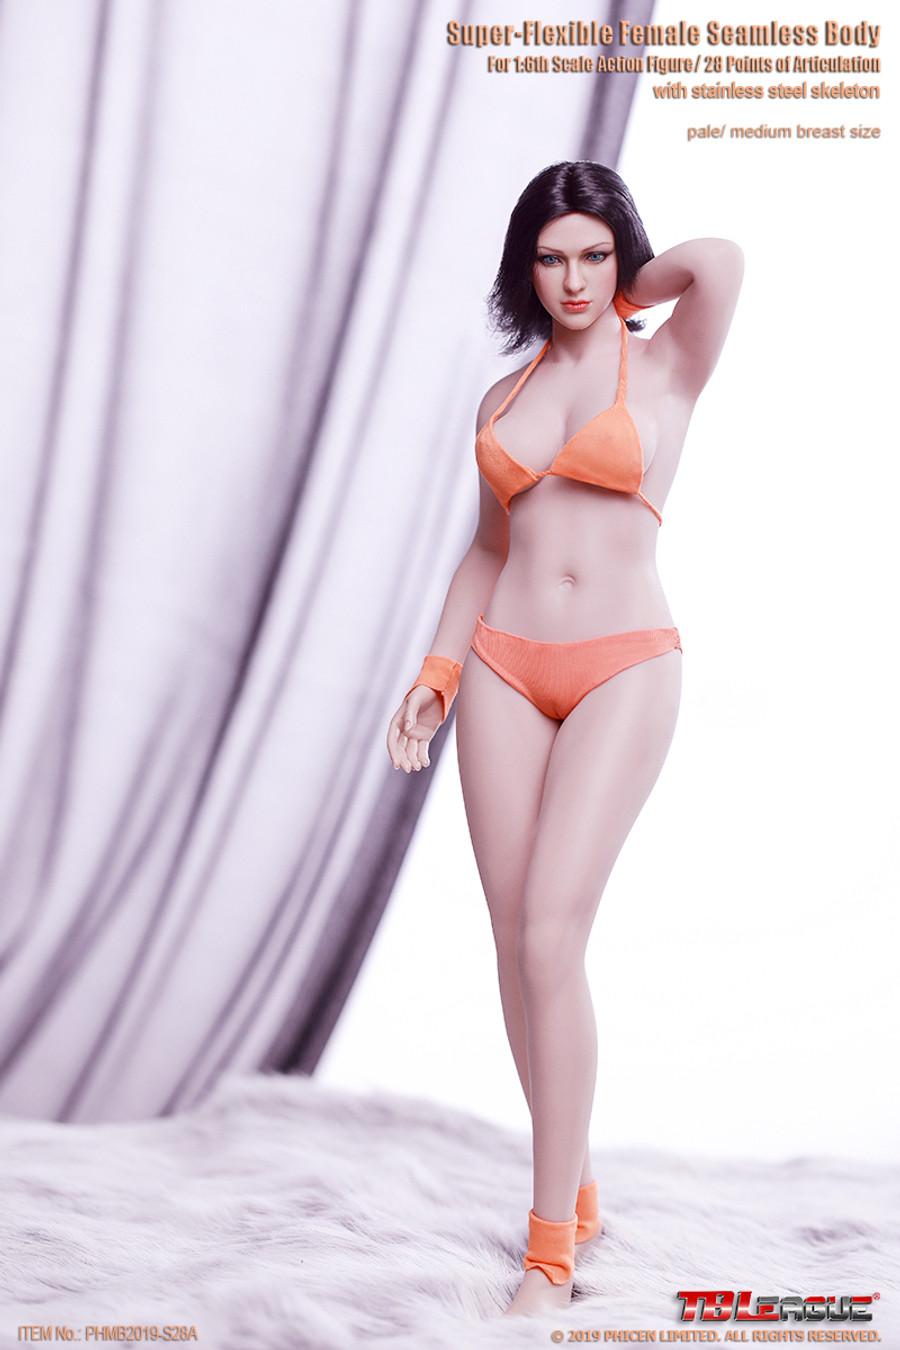 TBLeague - Buxom Women Female Super-Flexible Seamless Body - S28A